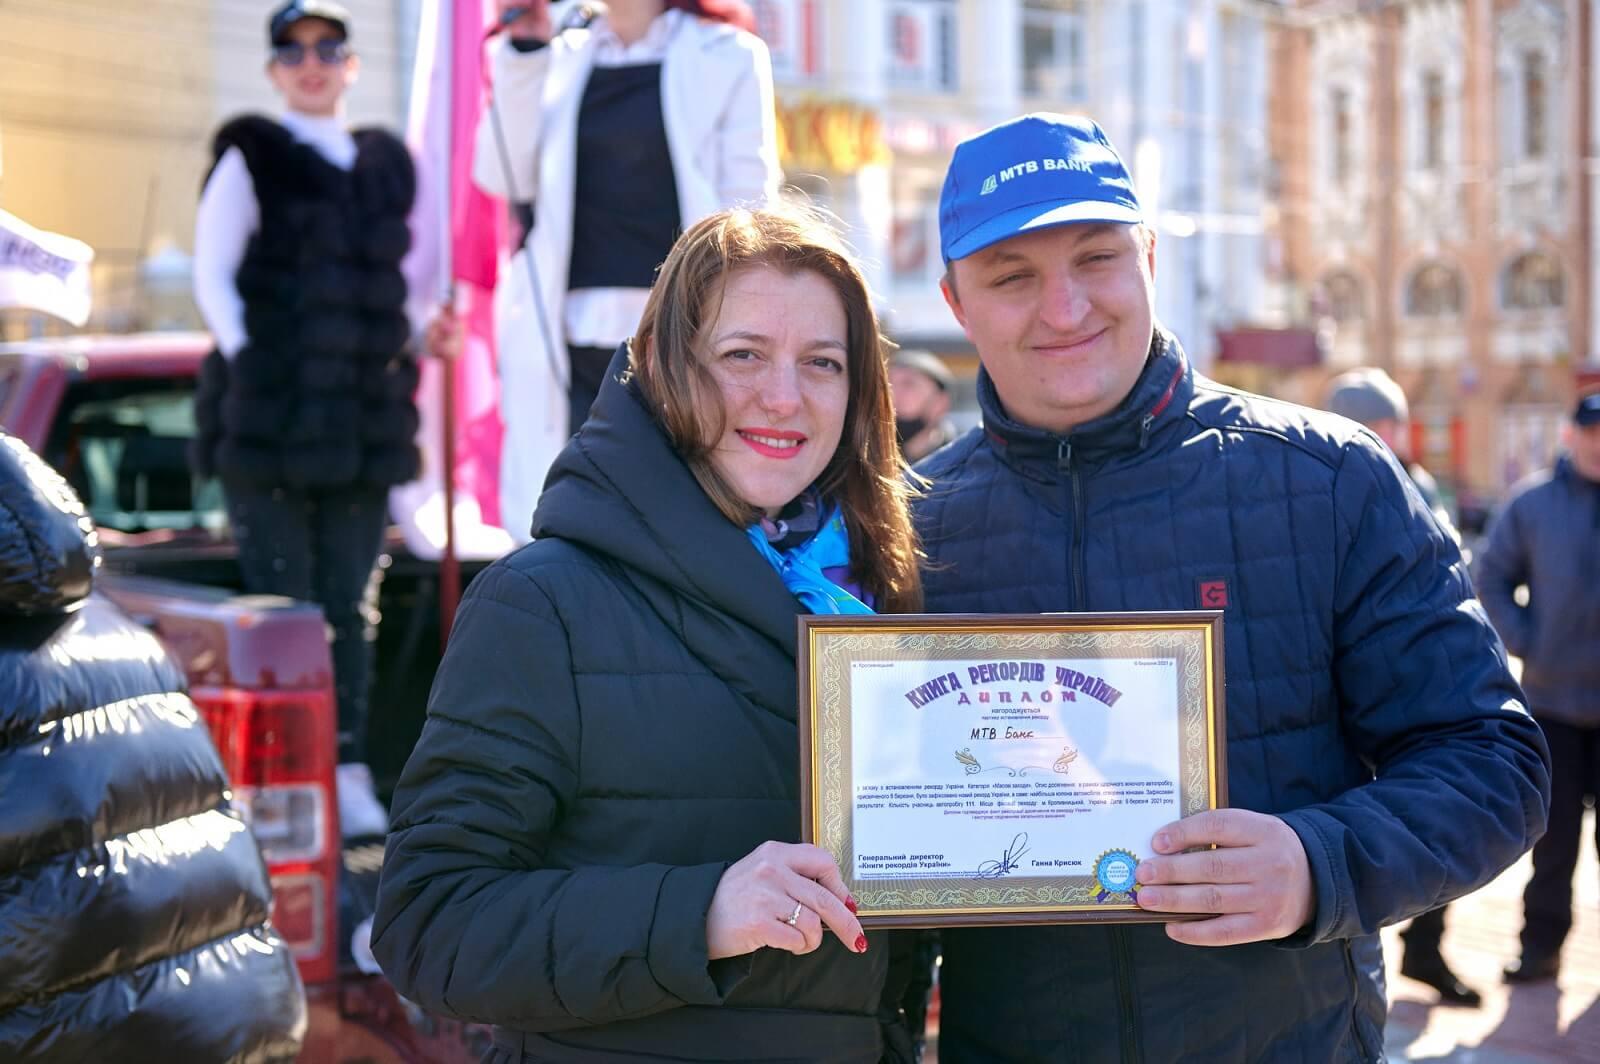 Рекорд Украины на самую женскую автоколонну - done! - фото - mtb.ua